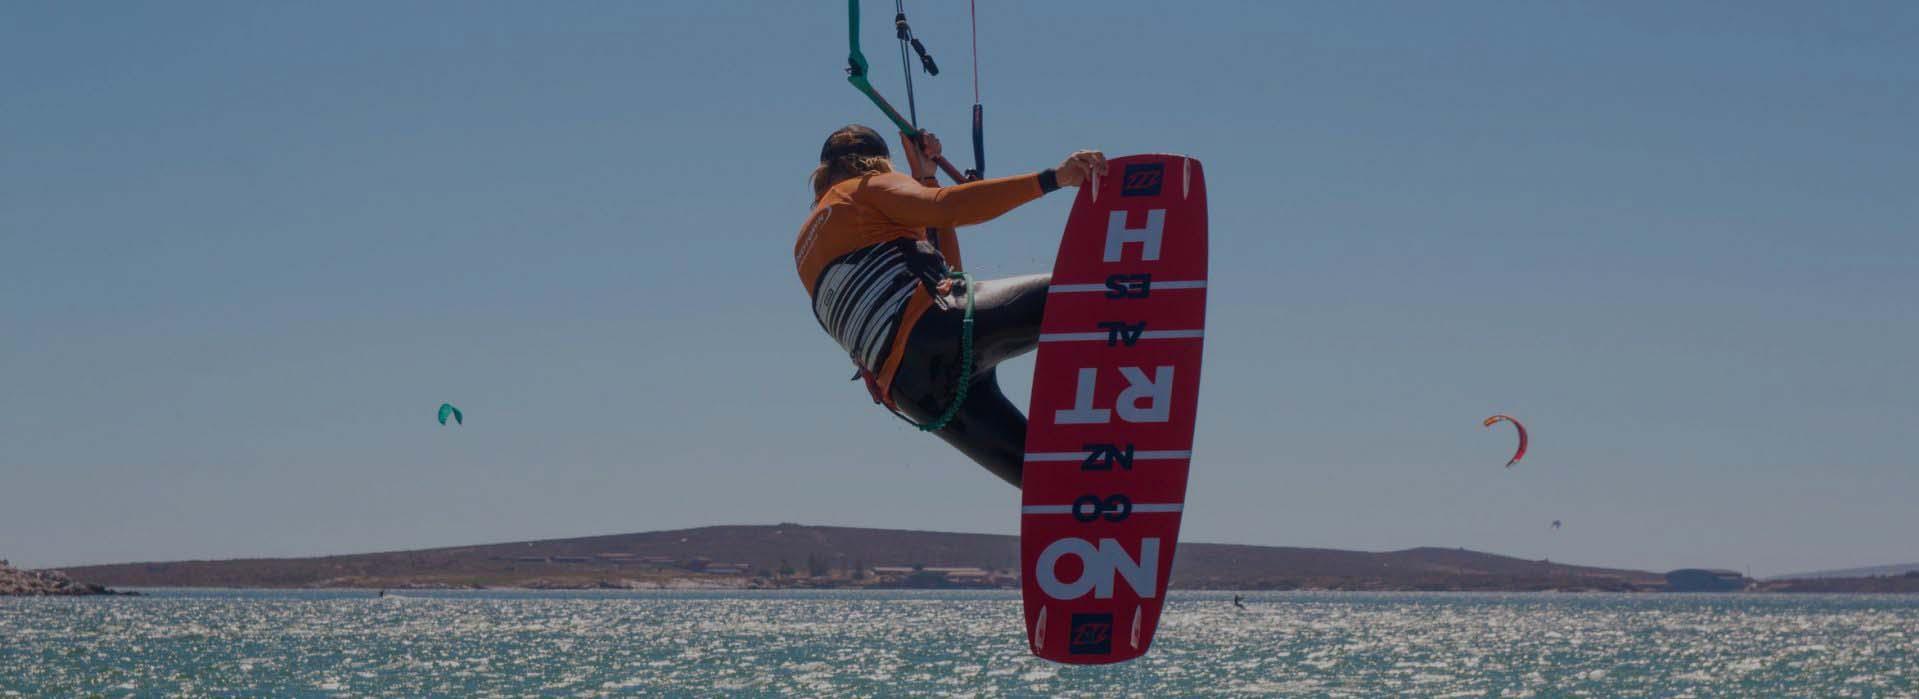 Kiters | Windtown Lagoon Hotel